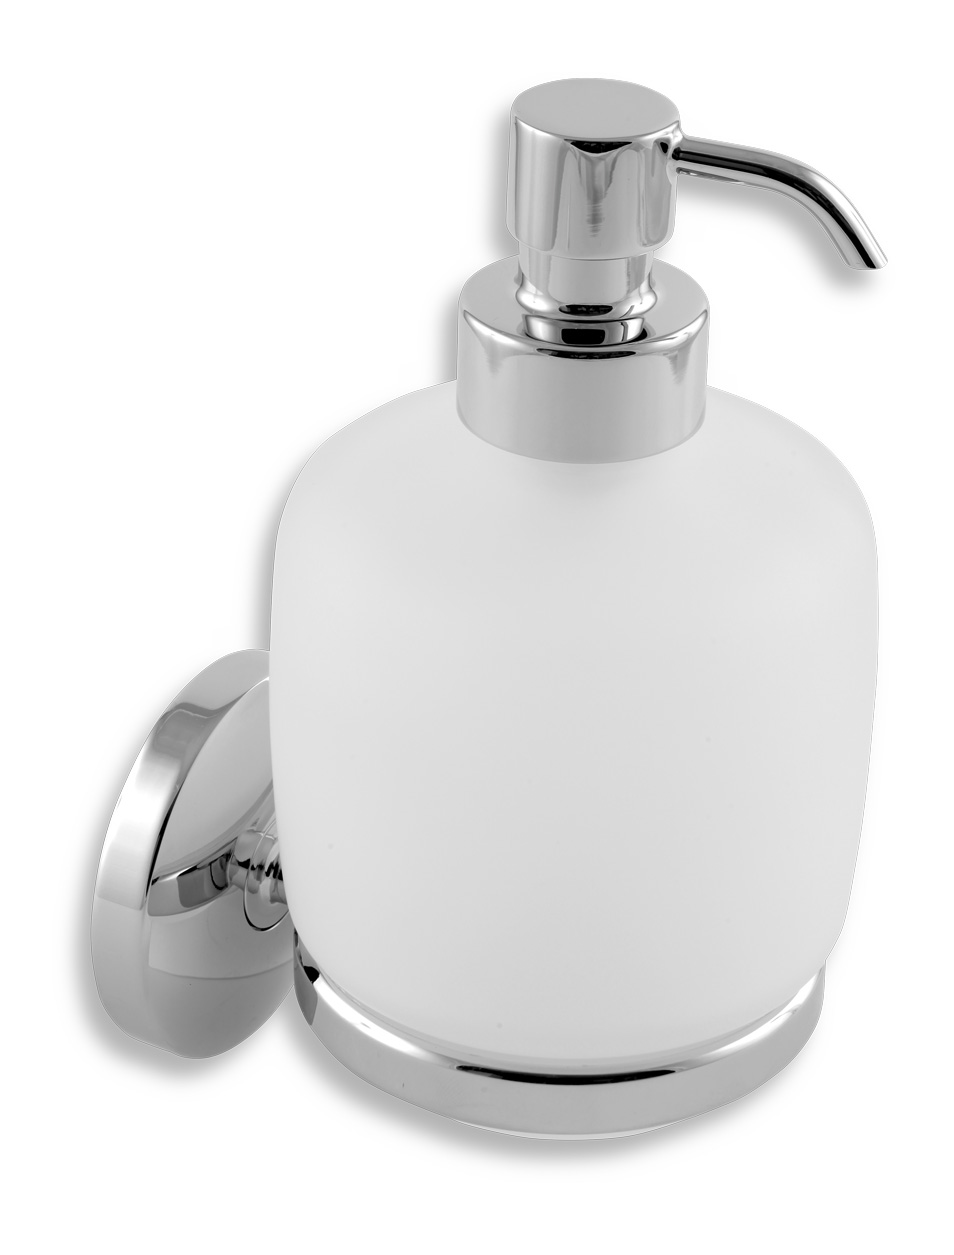 Dávkovač mýdla Metalia 1 chrom